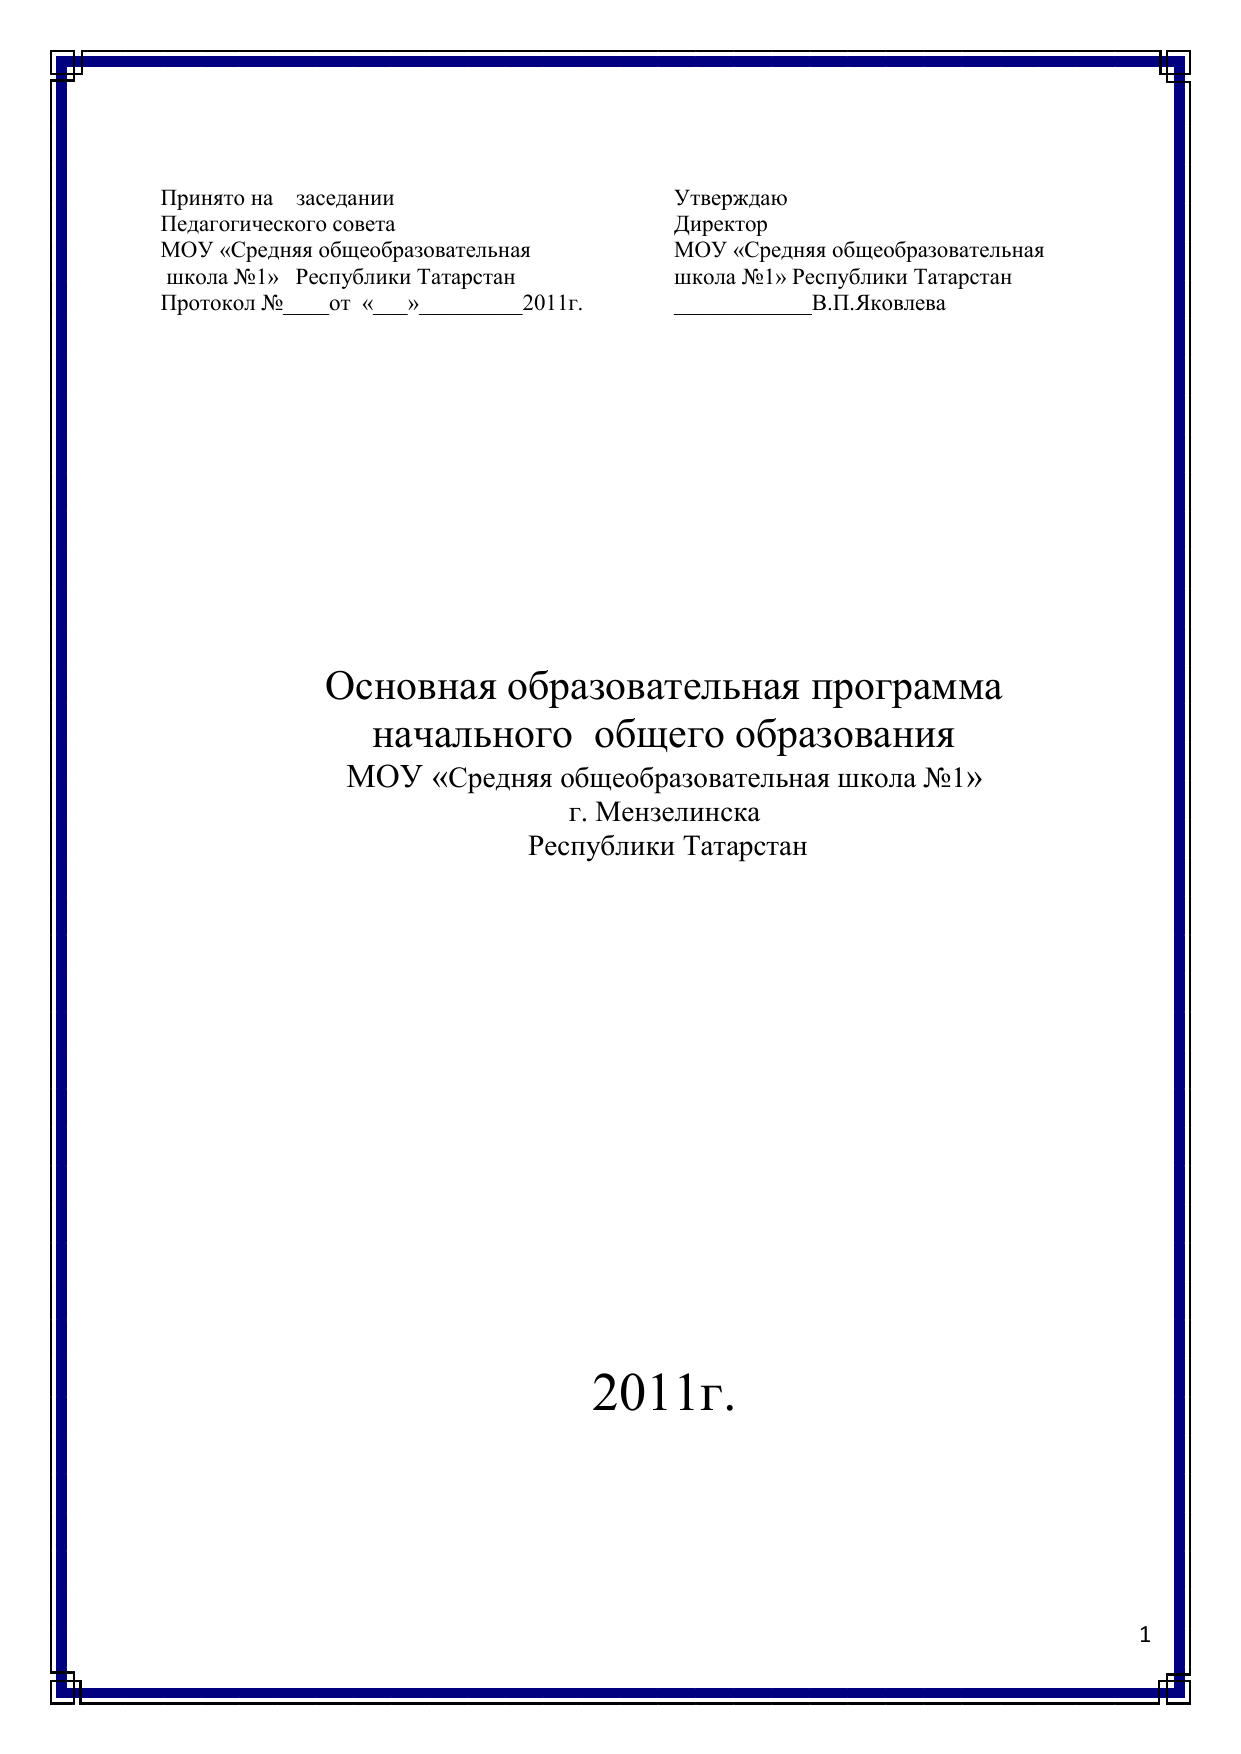 Готовые домашние задания 5 класс по татарской литературе сочинение